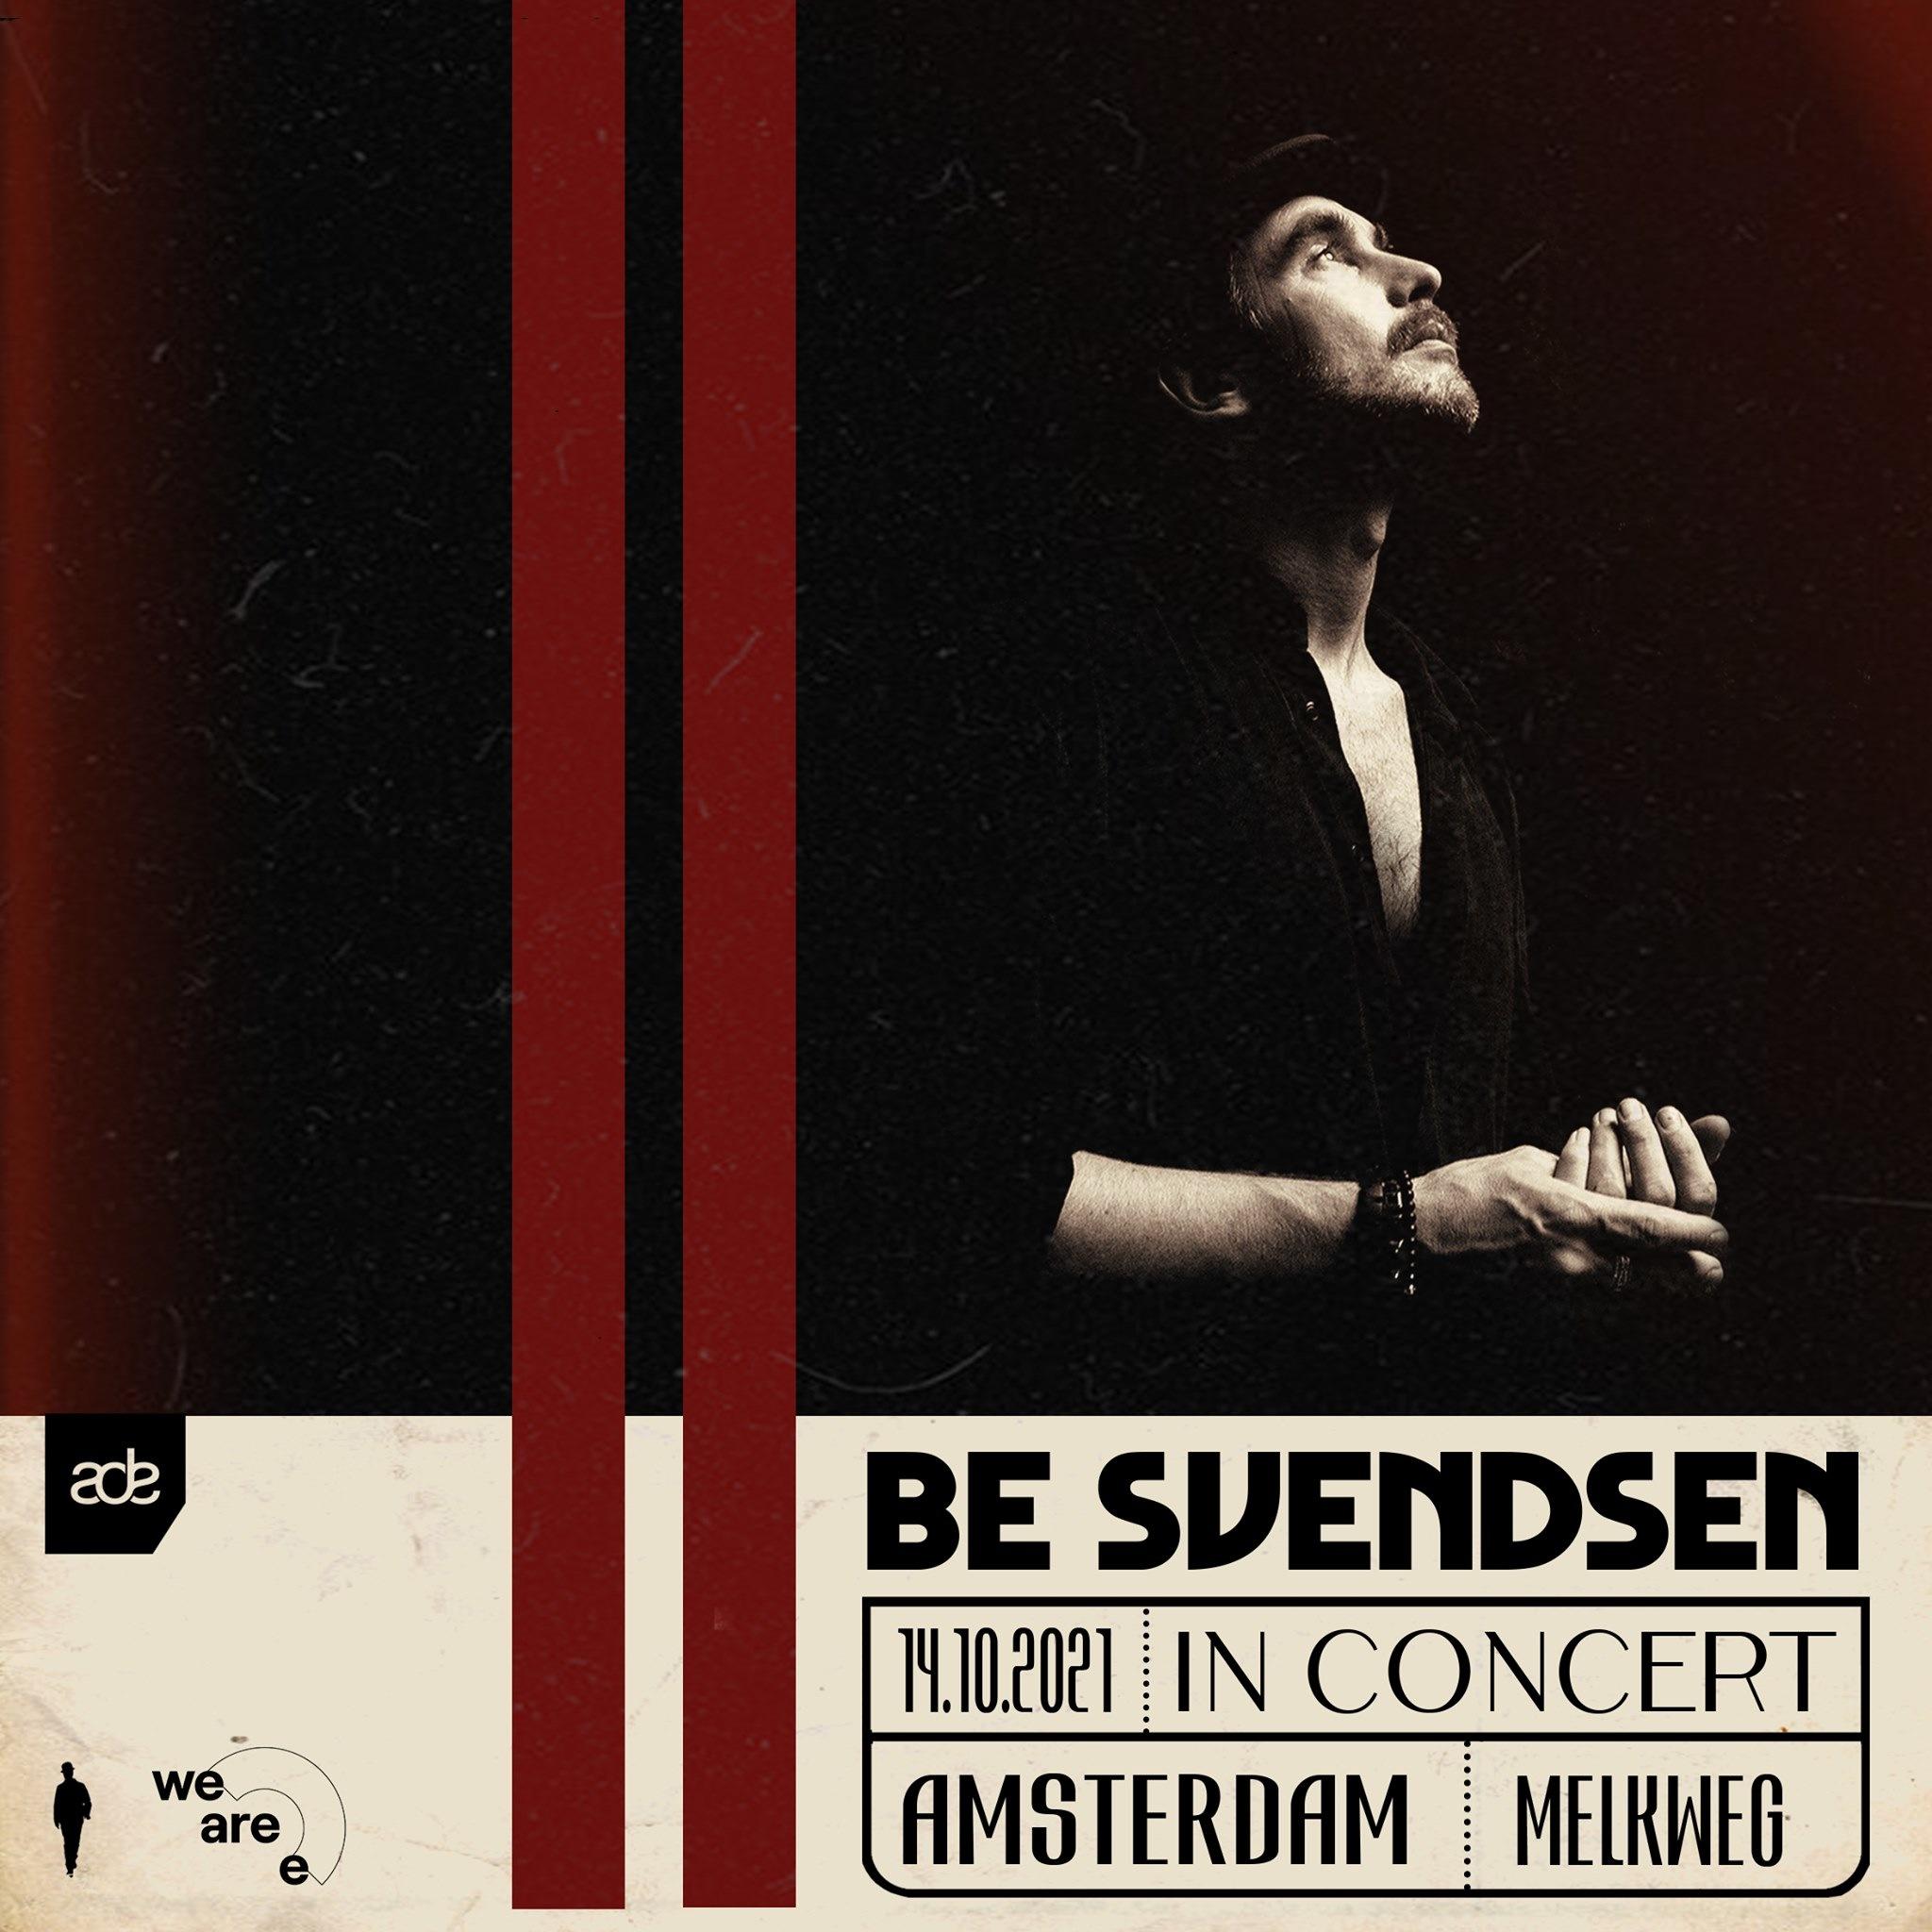 Be Svendsen In Concert